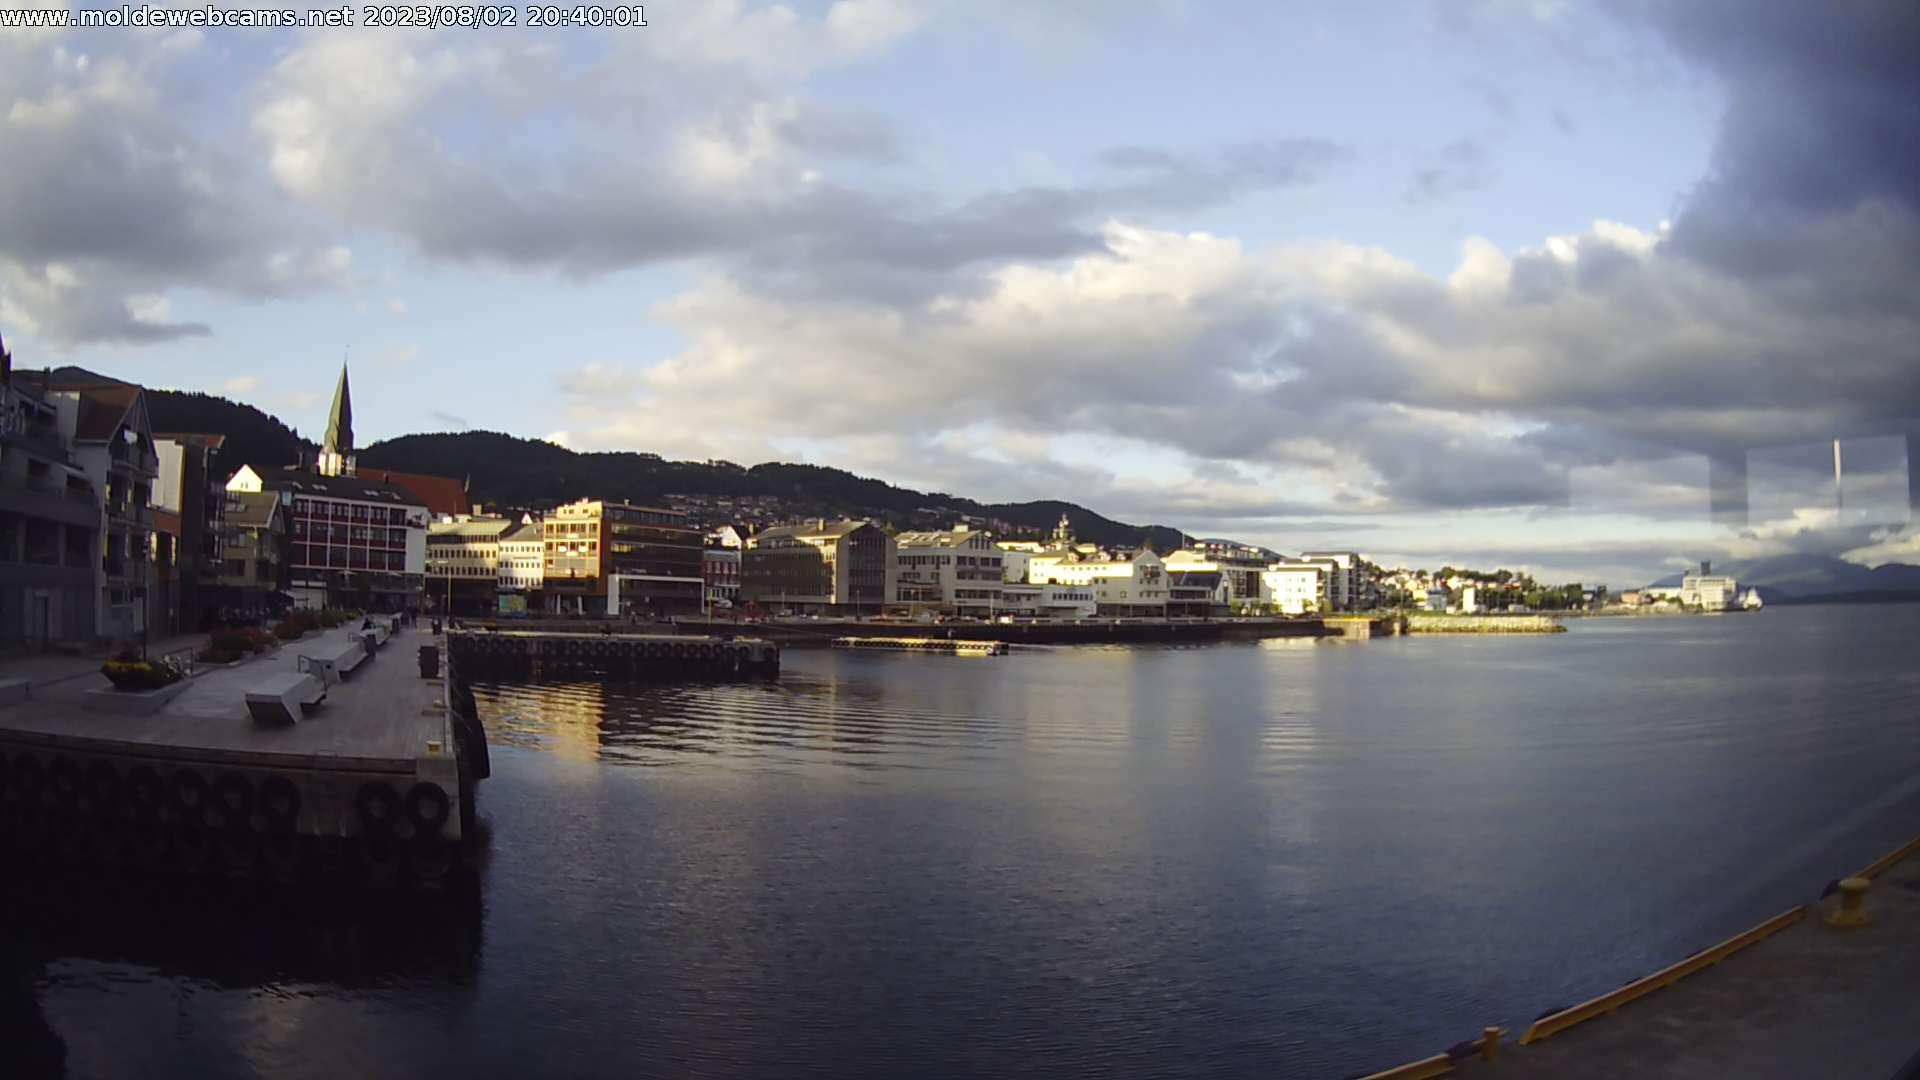 Webcam Molde, Molde, Møre og Romsdal, Norwegen